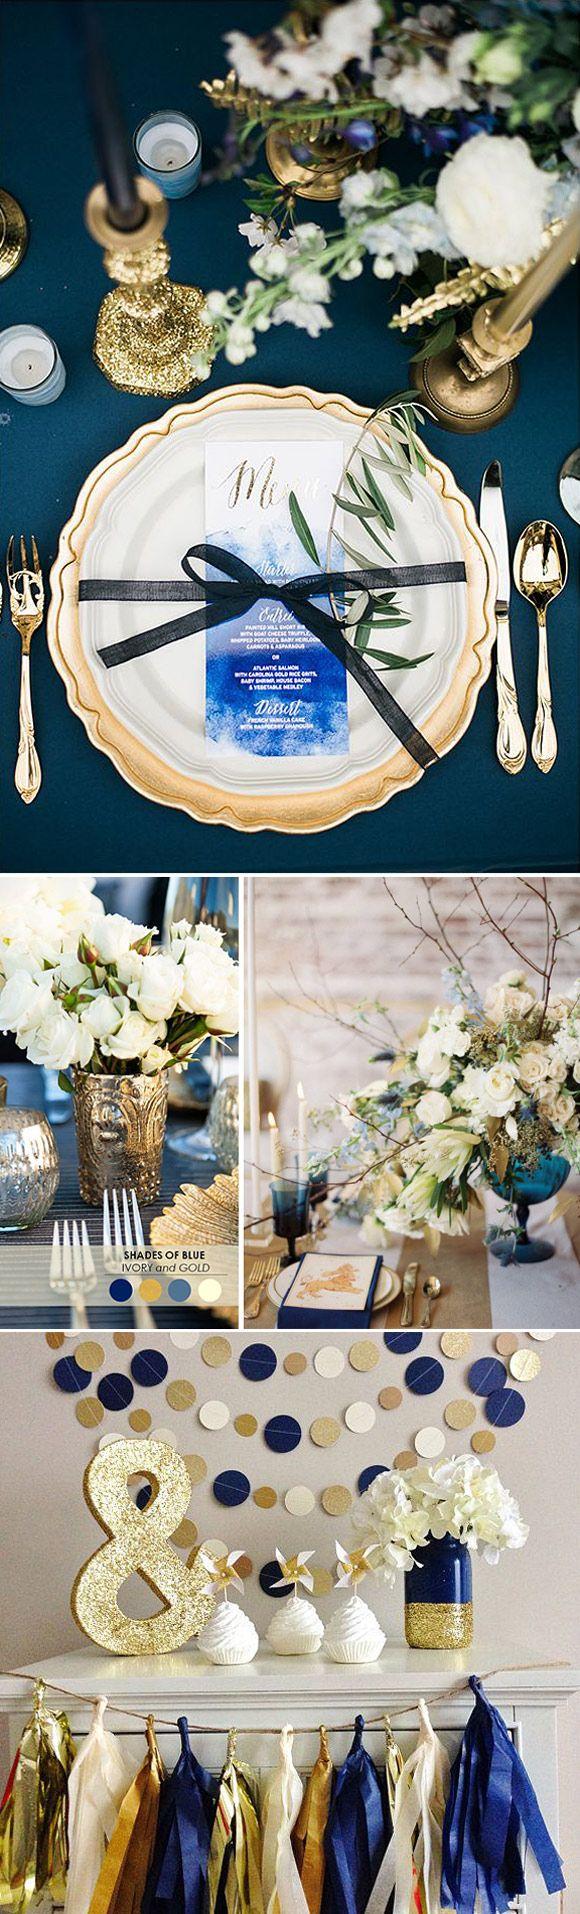 Bodas en Azul: Hoy os proponemos el color azul para vuestra boda, una opción muy atractiva y un color que nunca pasa de moda!